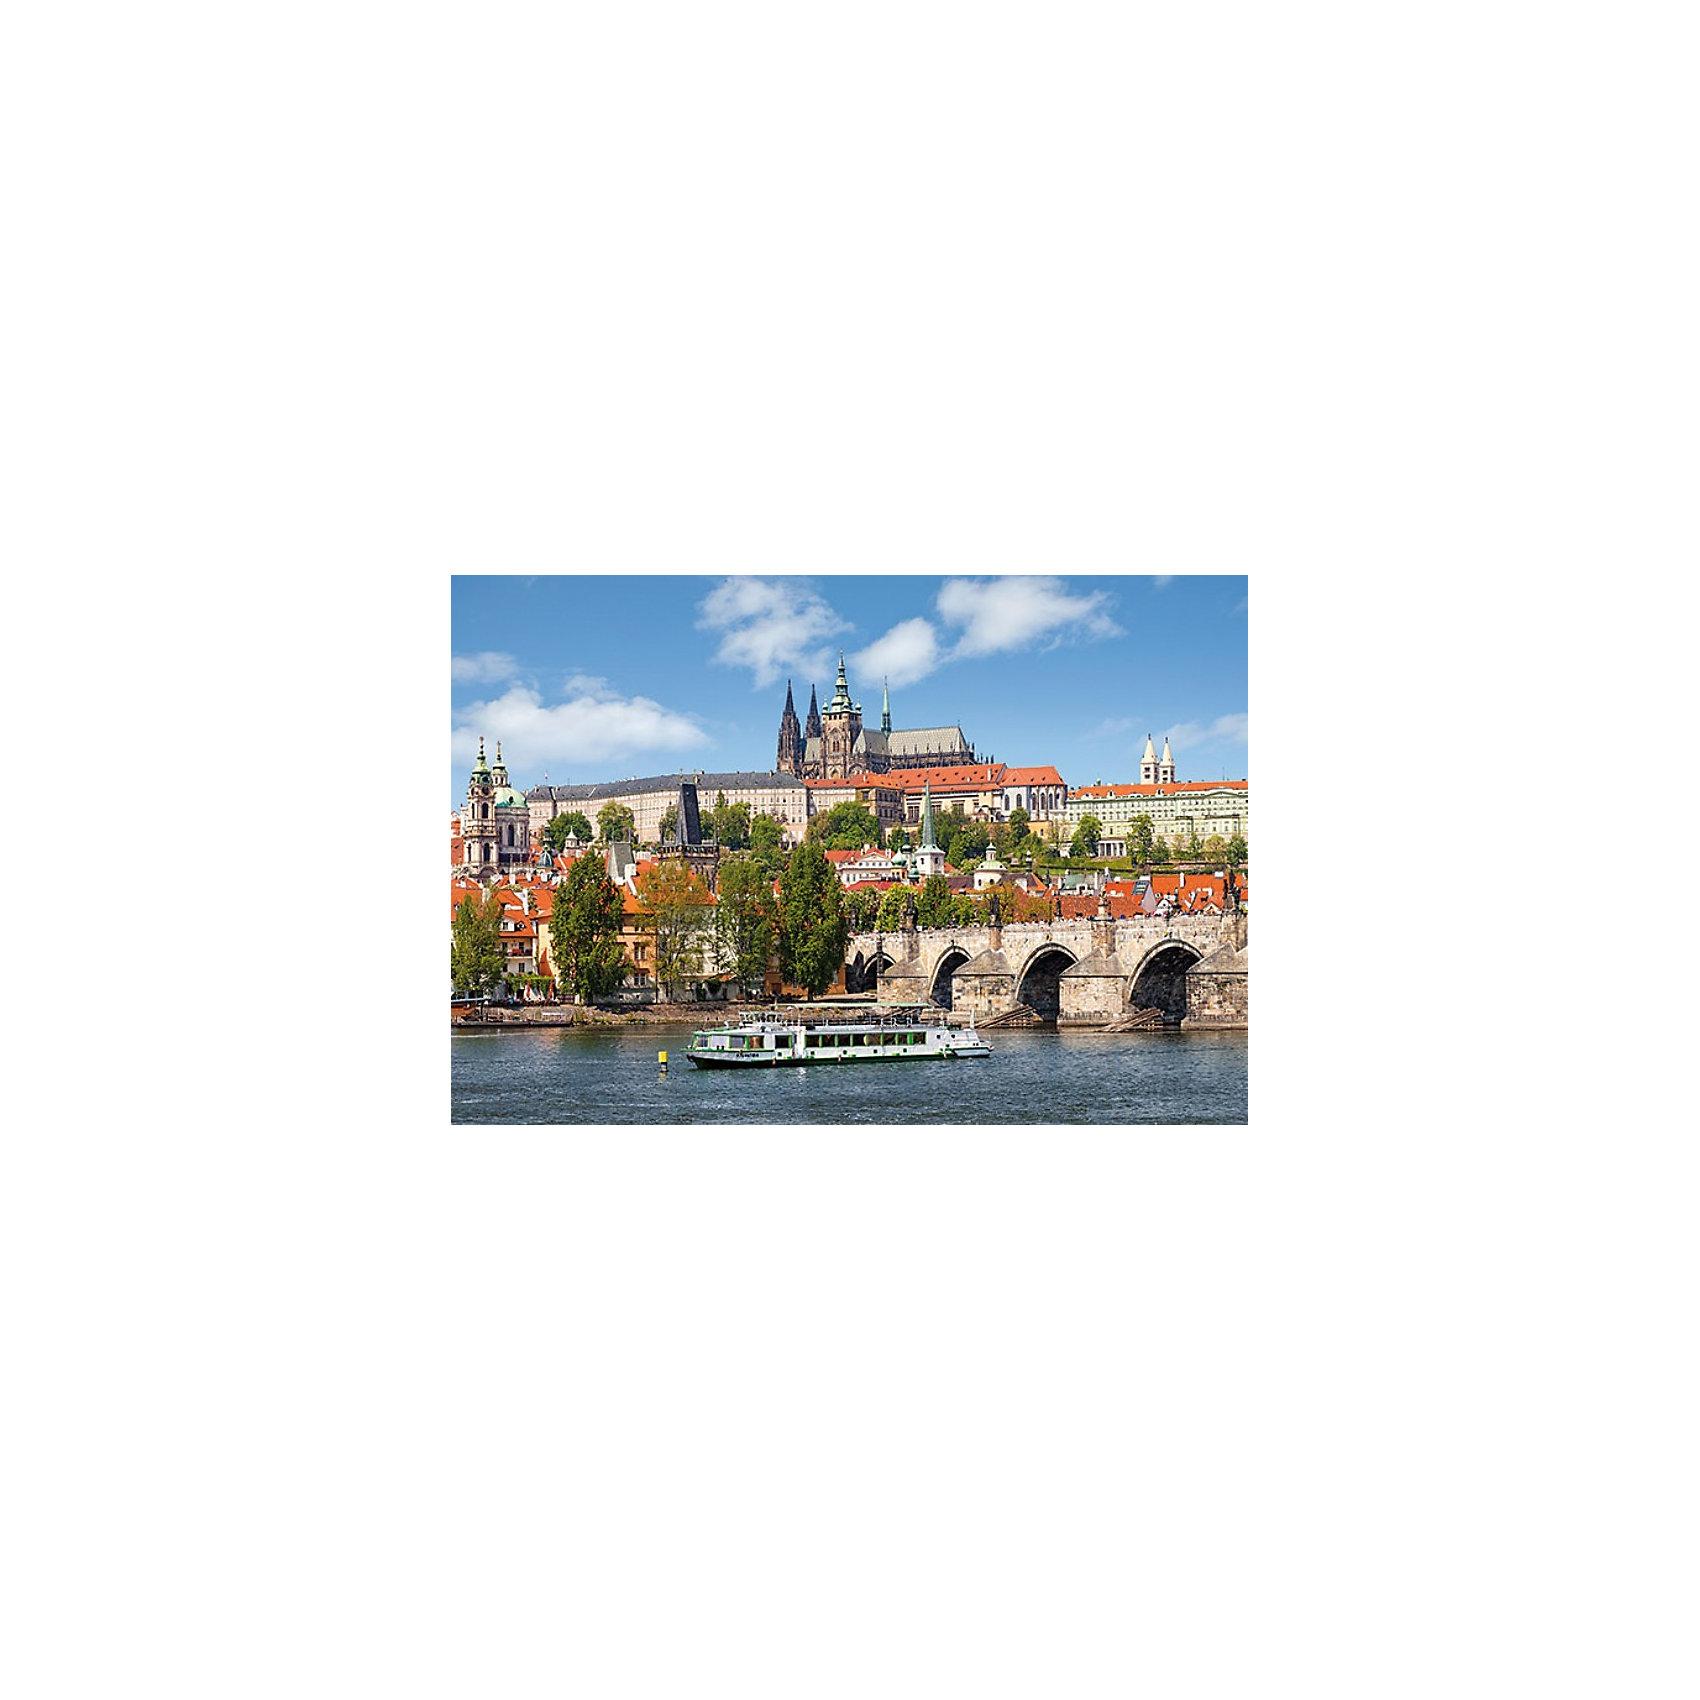 Пазлы Прага, Чехия, 1000 деталей, CastorlandПазлы Прага, Чехия, 1000 деталей  - яркий, красивый и качественный пазл от Castorland.<br><br>Дополнительная информация:<br><br>- Кол-во деталей: 1000 шт.<br>- Материал: картон.<br>- Размер собранной картинки: 68 х 47 см.<br>- Размеры: 350x250x53 мм.<br><br>Ширина мм: 350<br>Глубина мм: 50<br>Высота мм: 250<br>Вес г: 500<br>Возраст от месяцев: 168<br>Возраст до месяцев: 1188<br>Пол: Унисекс<br>Возраст: Детский<br>Количество деталей: 1000<br>SKU: 2562323